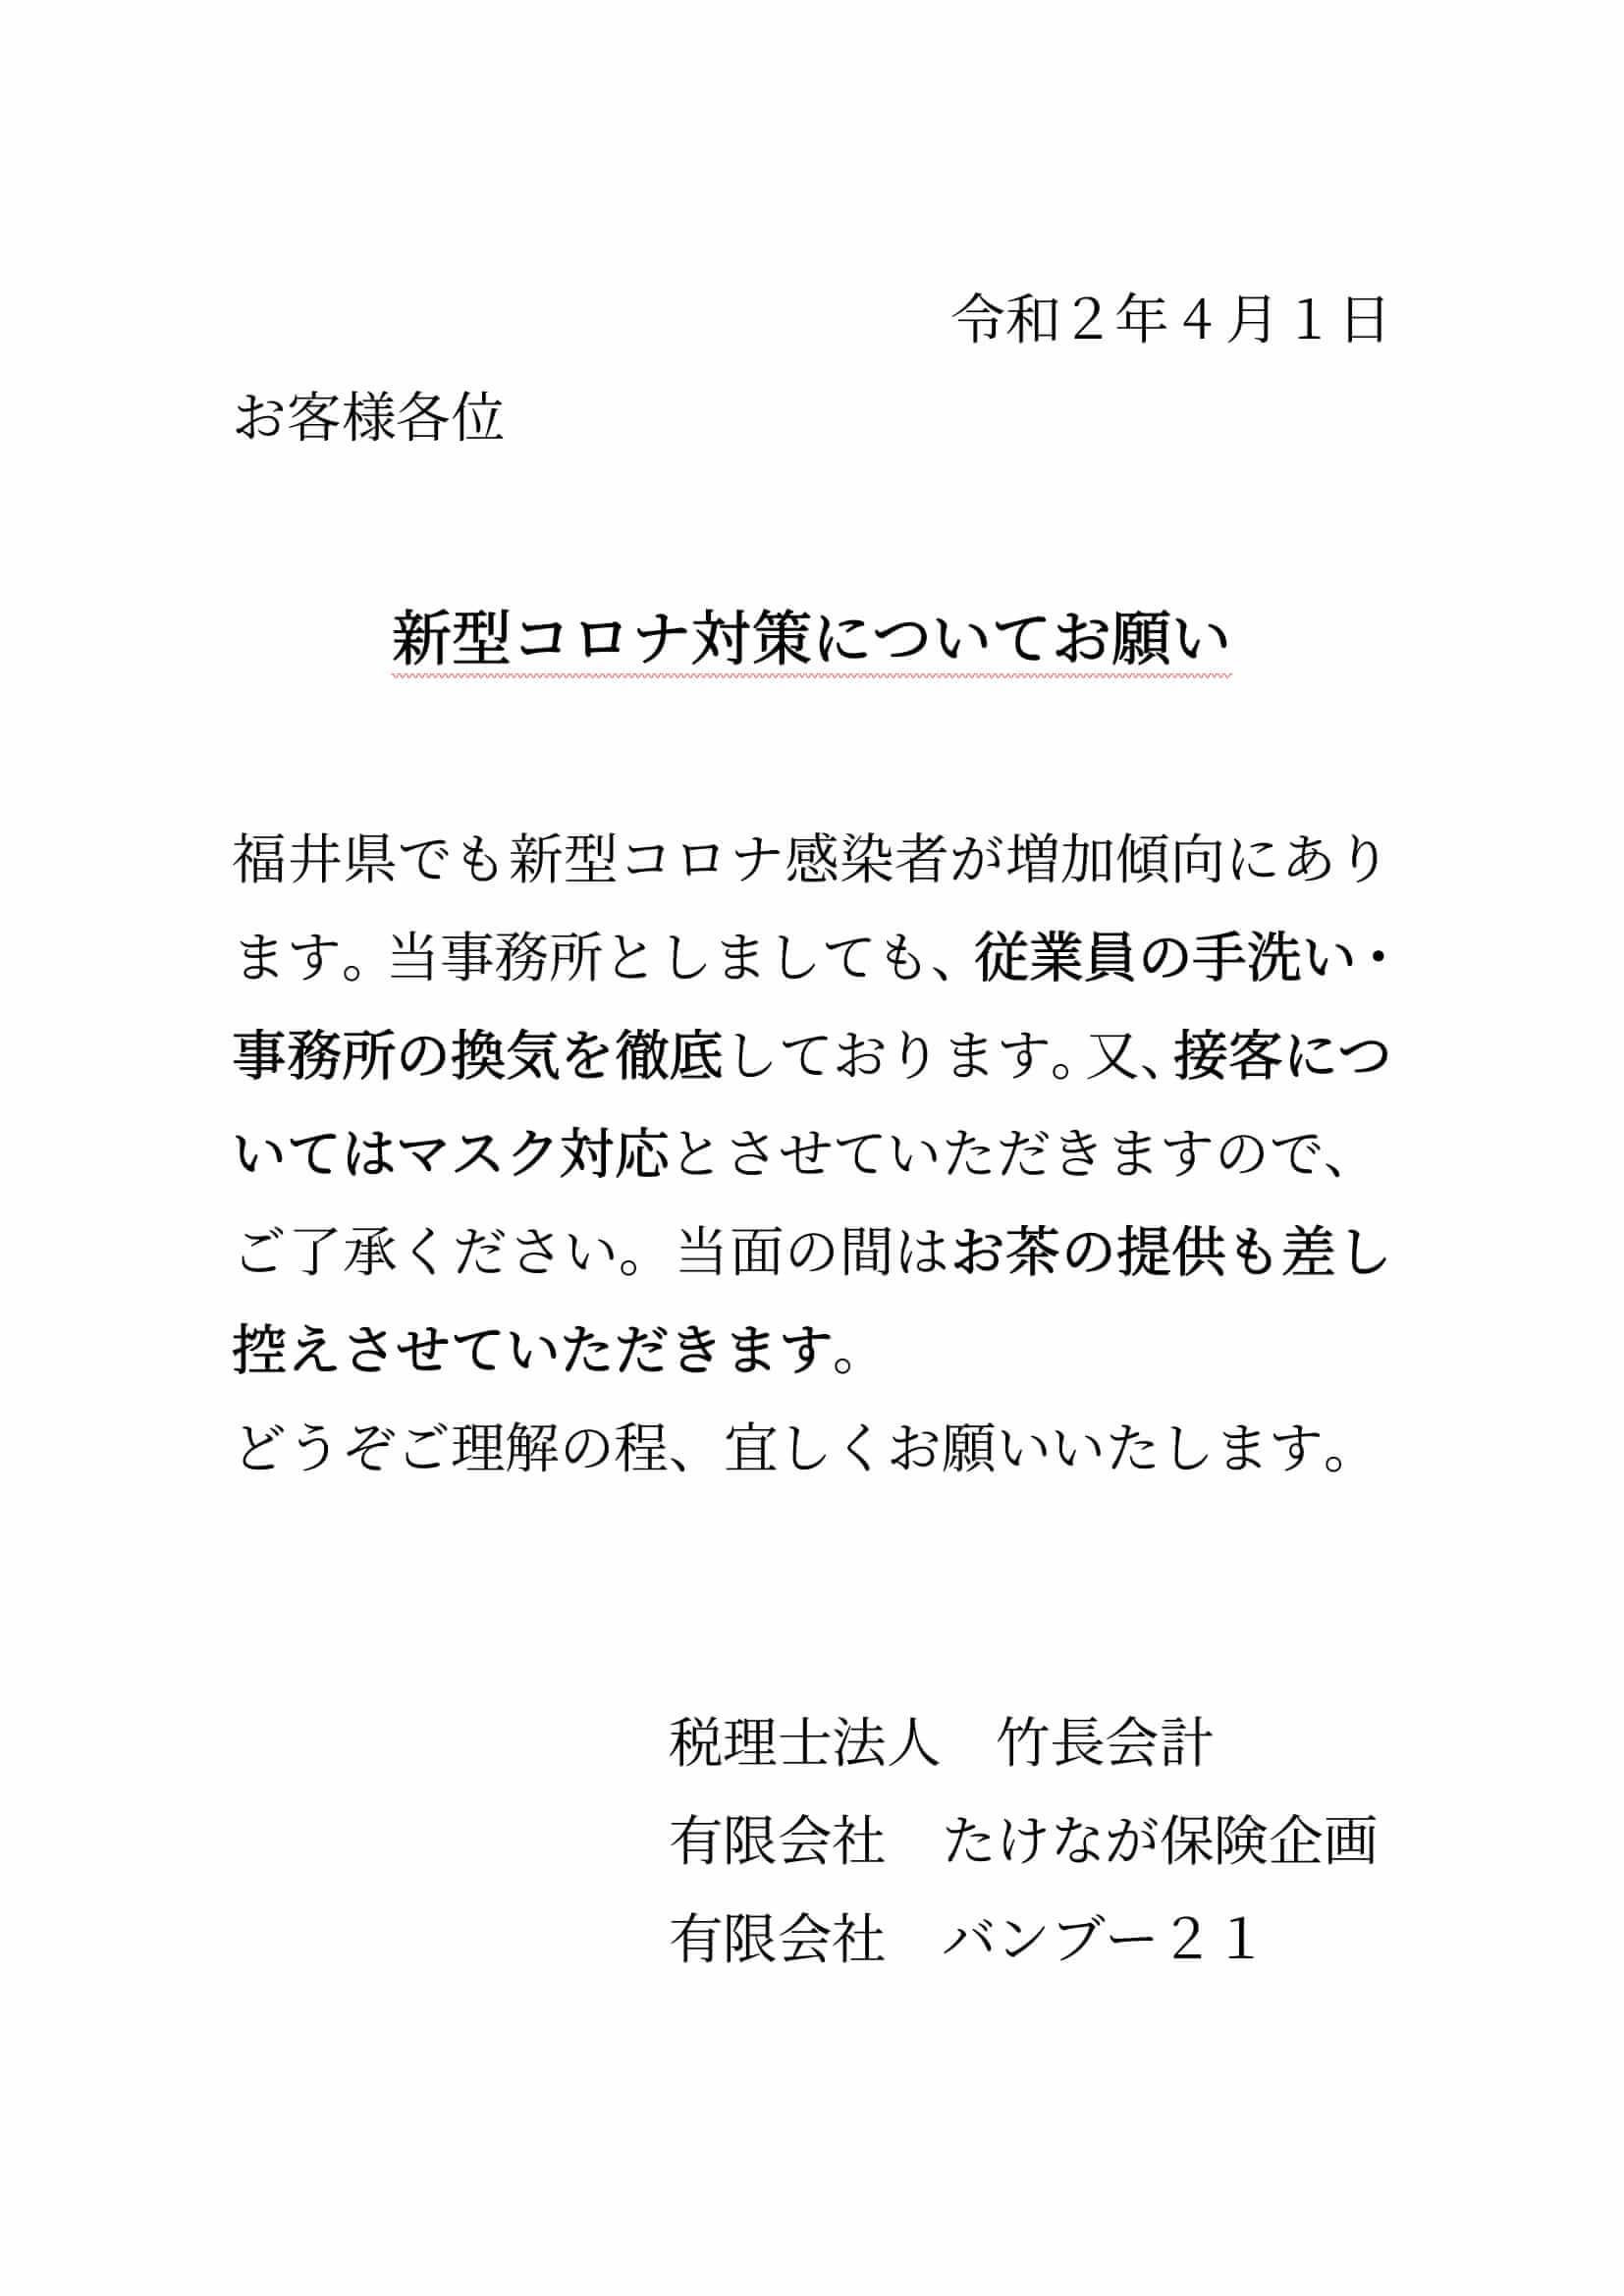 福井 県 新型 コロナ ウイルス